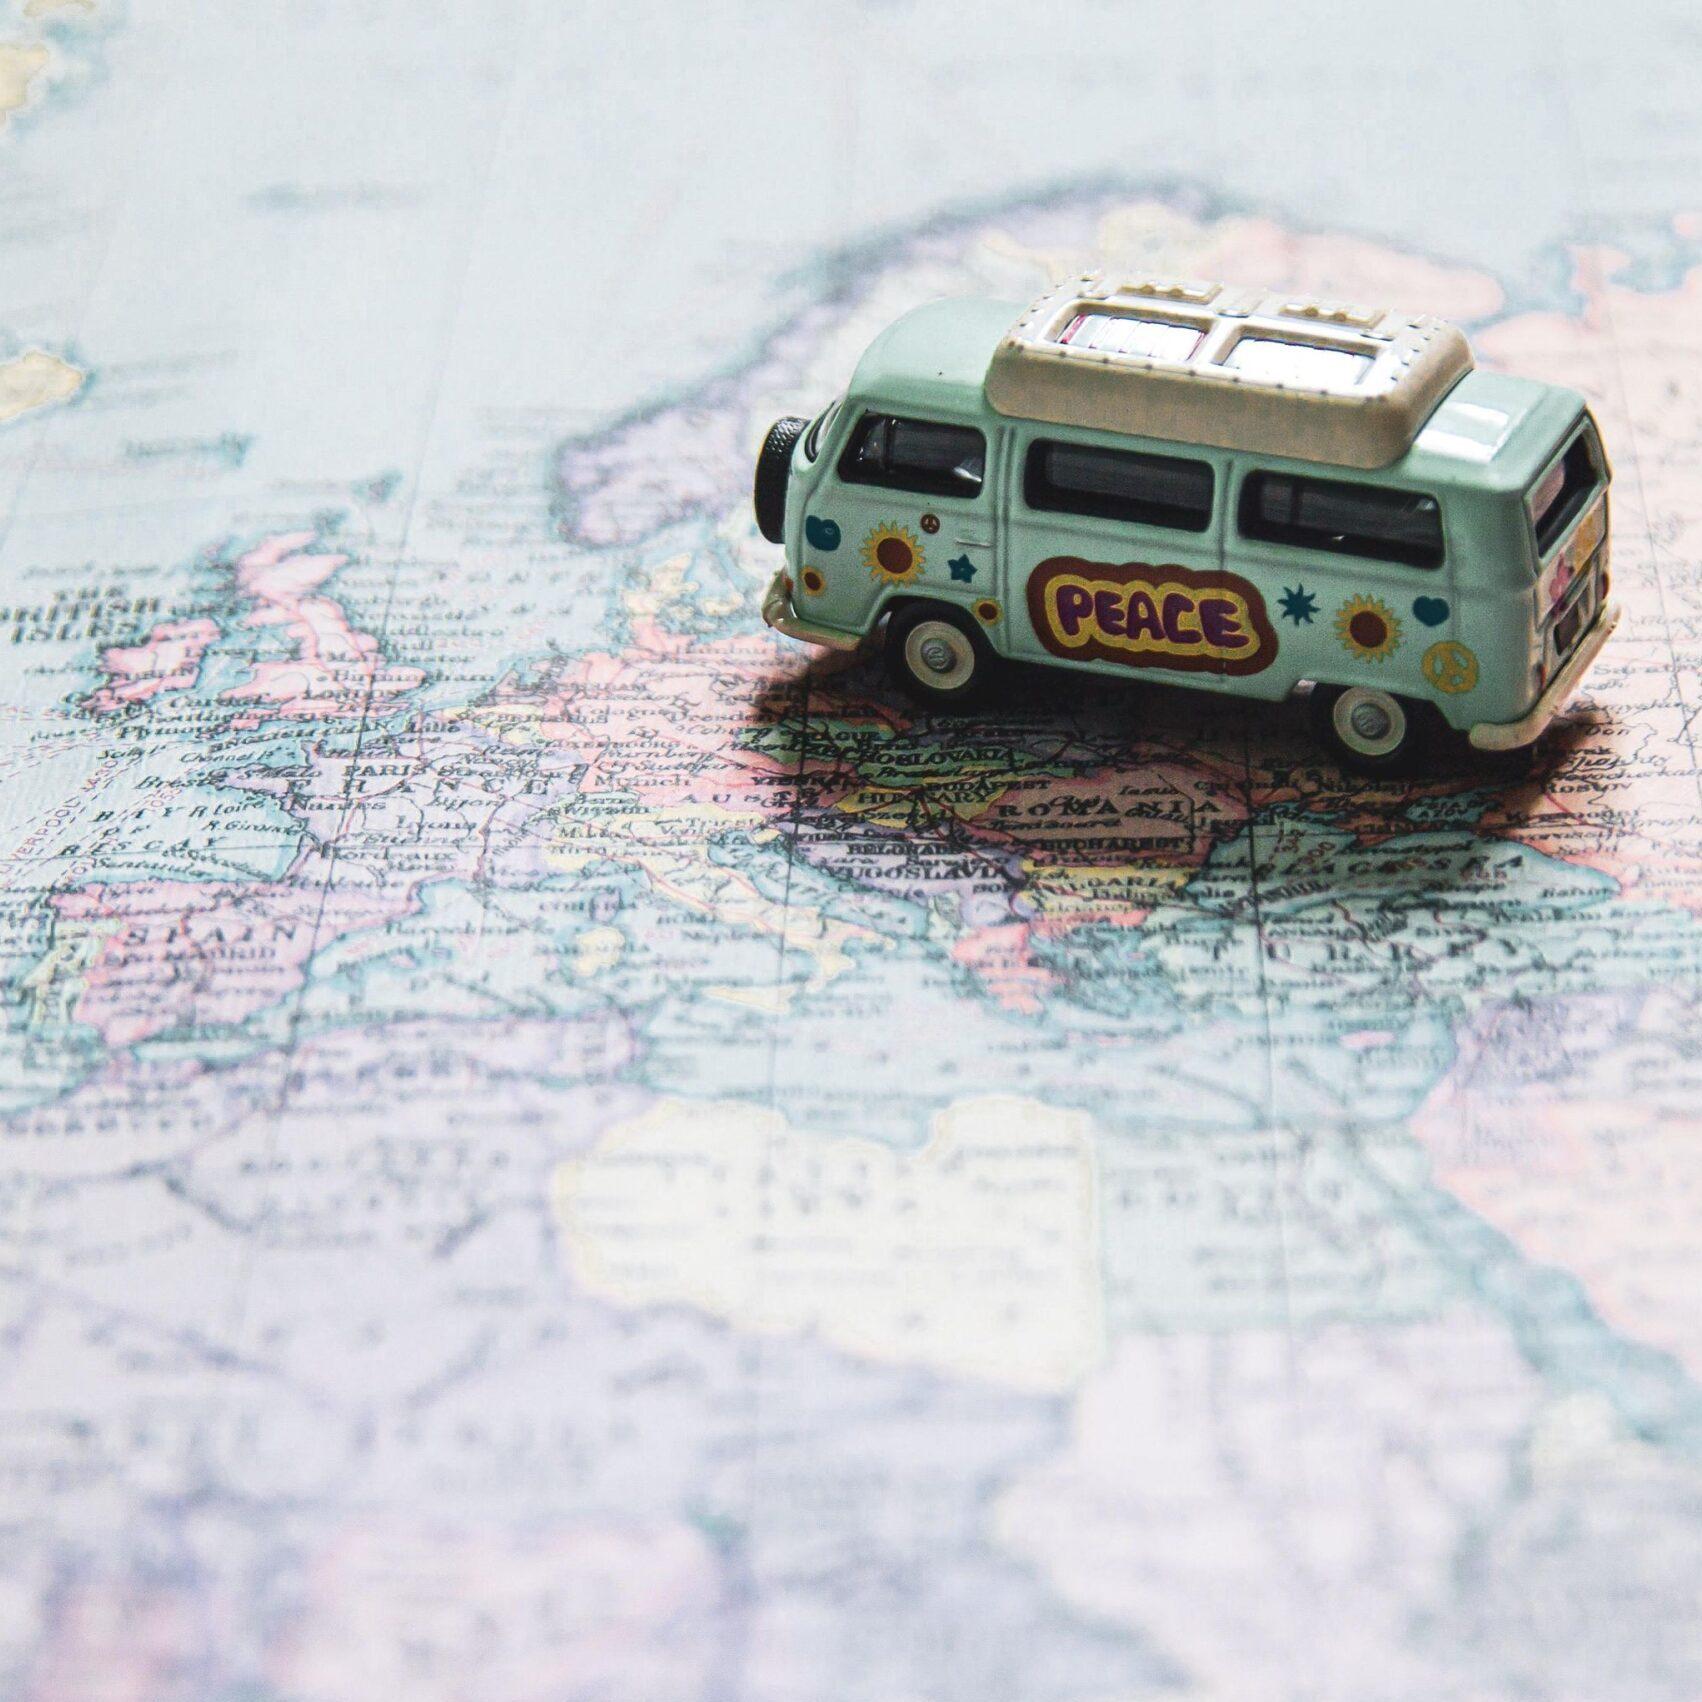 cadeau voor een reiziger - reisblog travelnote